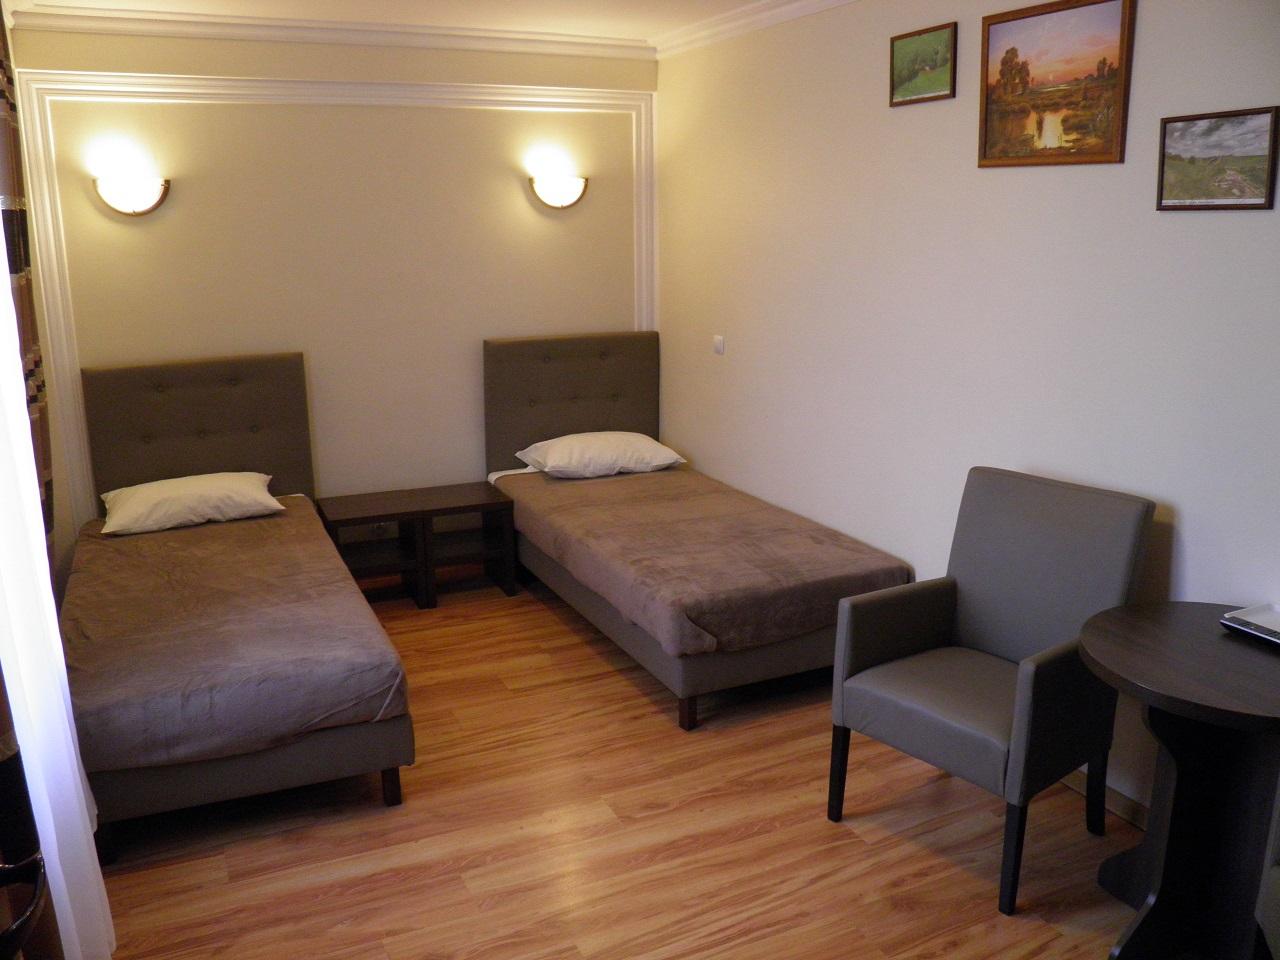 Pokój 2 osobowy